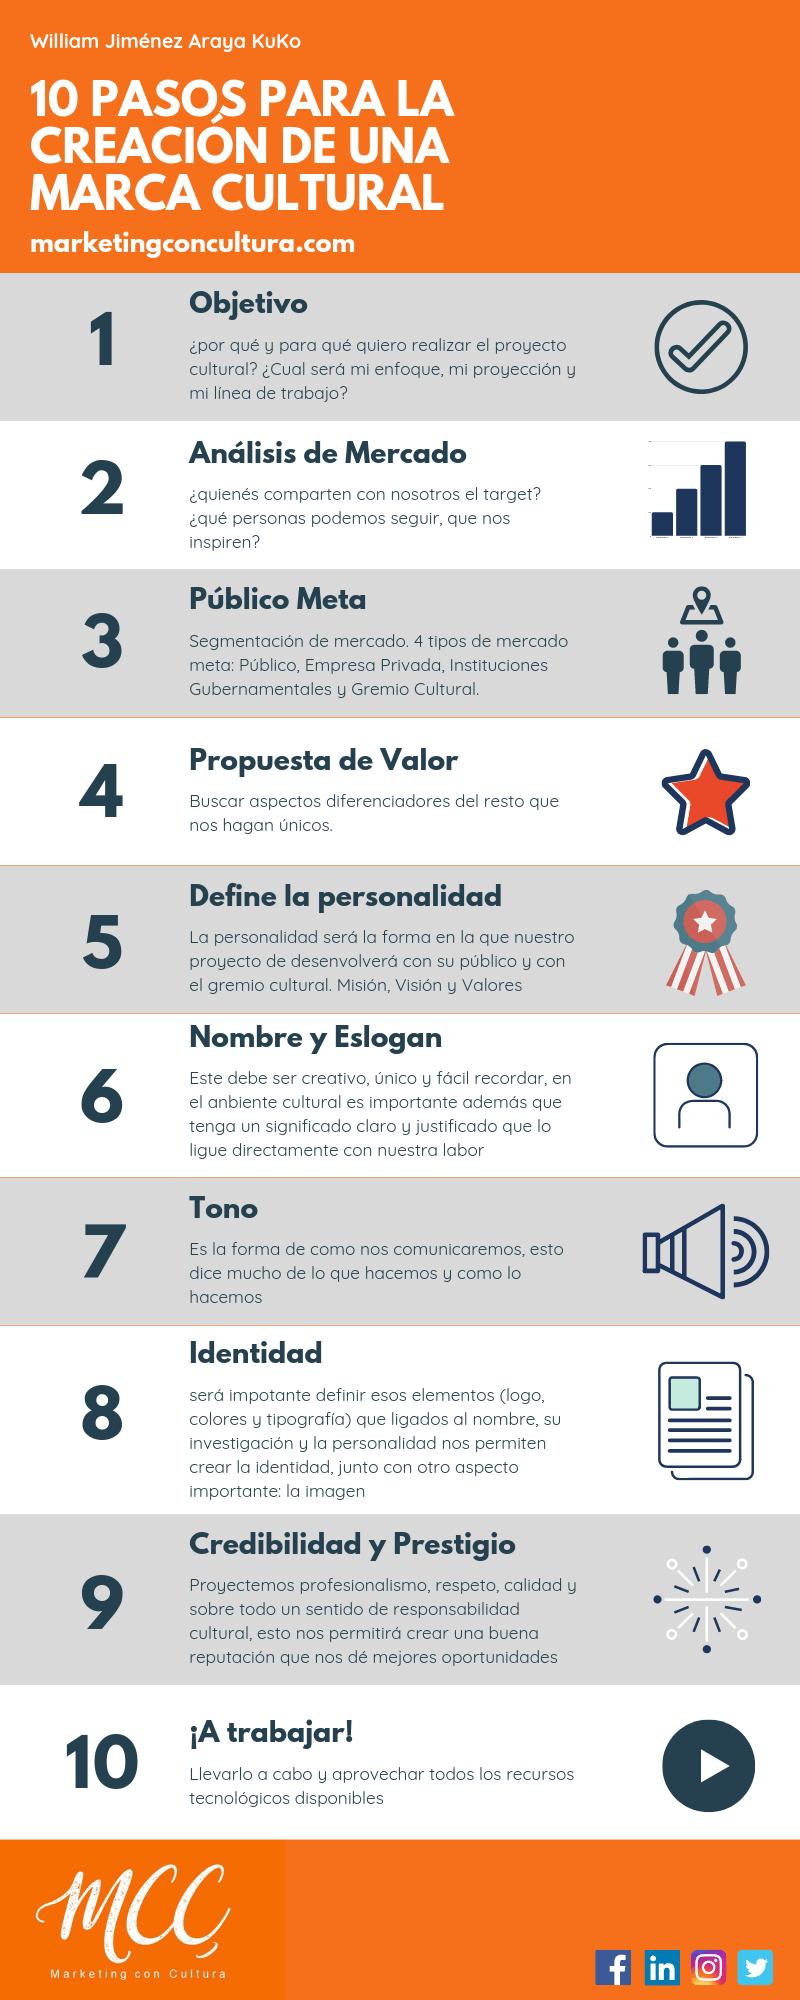 10 pasos para crear una Marca Cultural